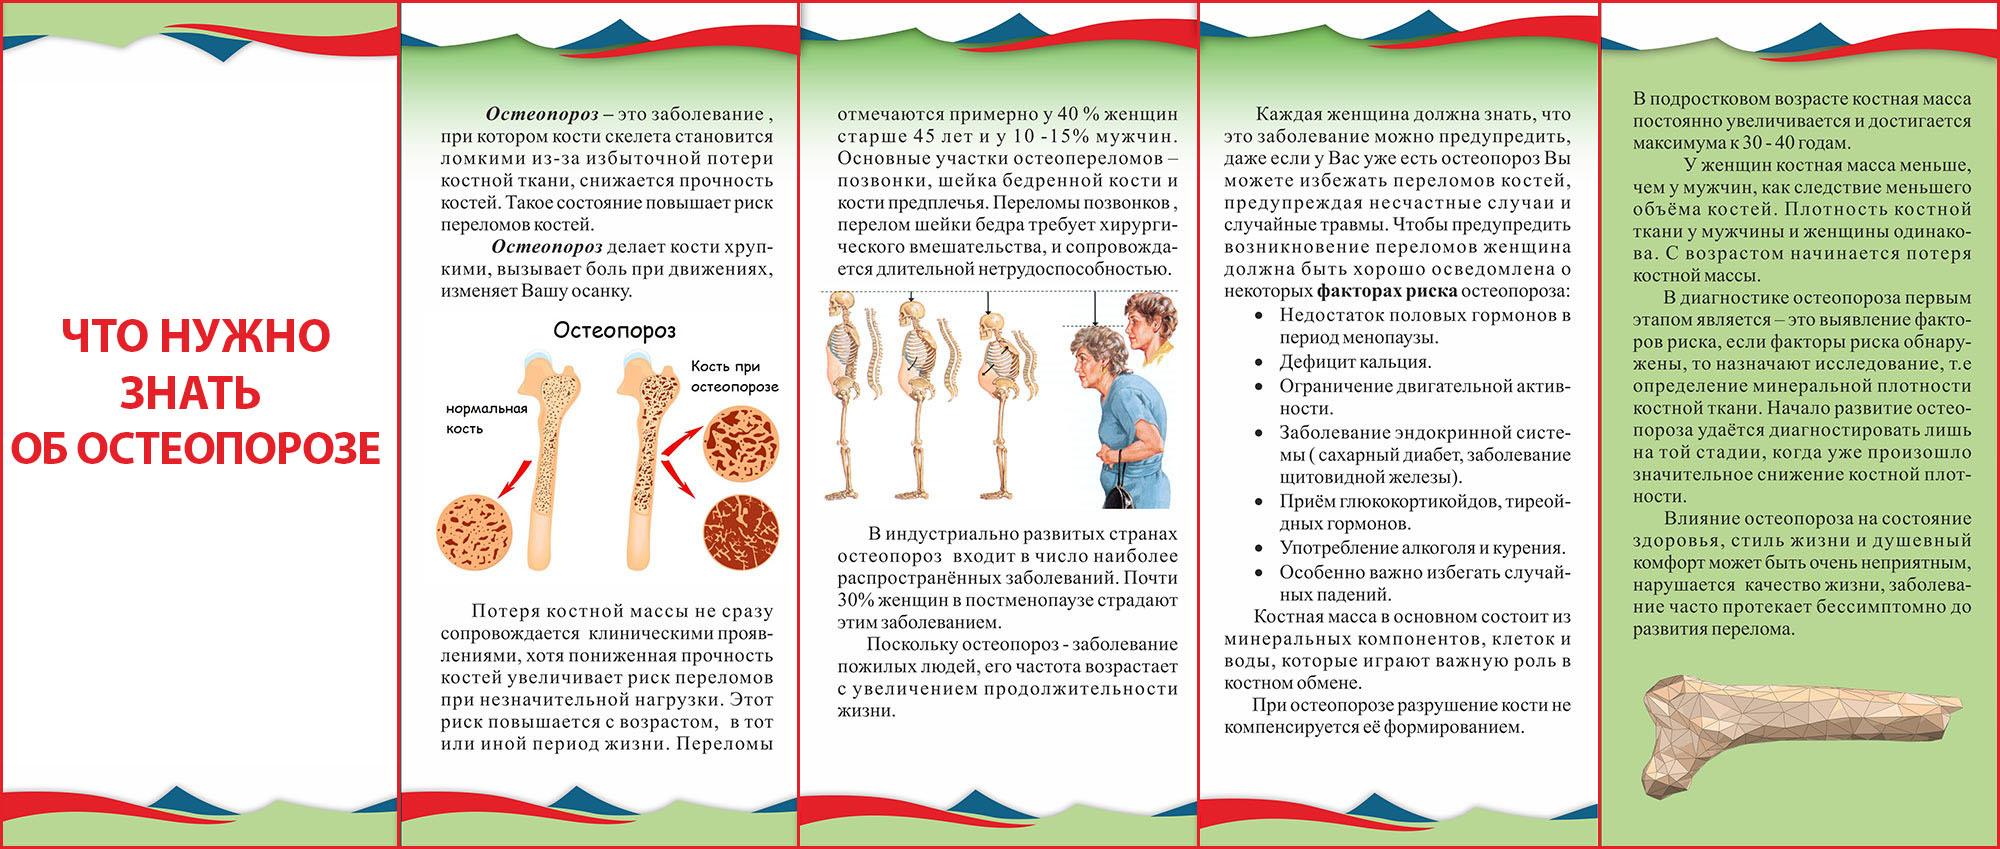 Остеопороз у пожилых людей: симптомы и лечение у женщин и мужчин в пожилом возрасте